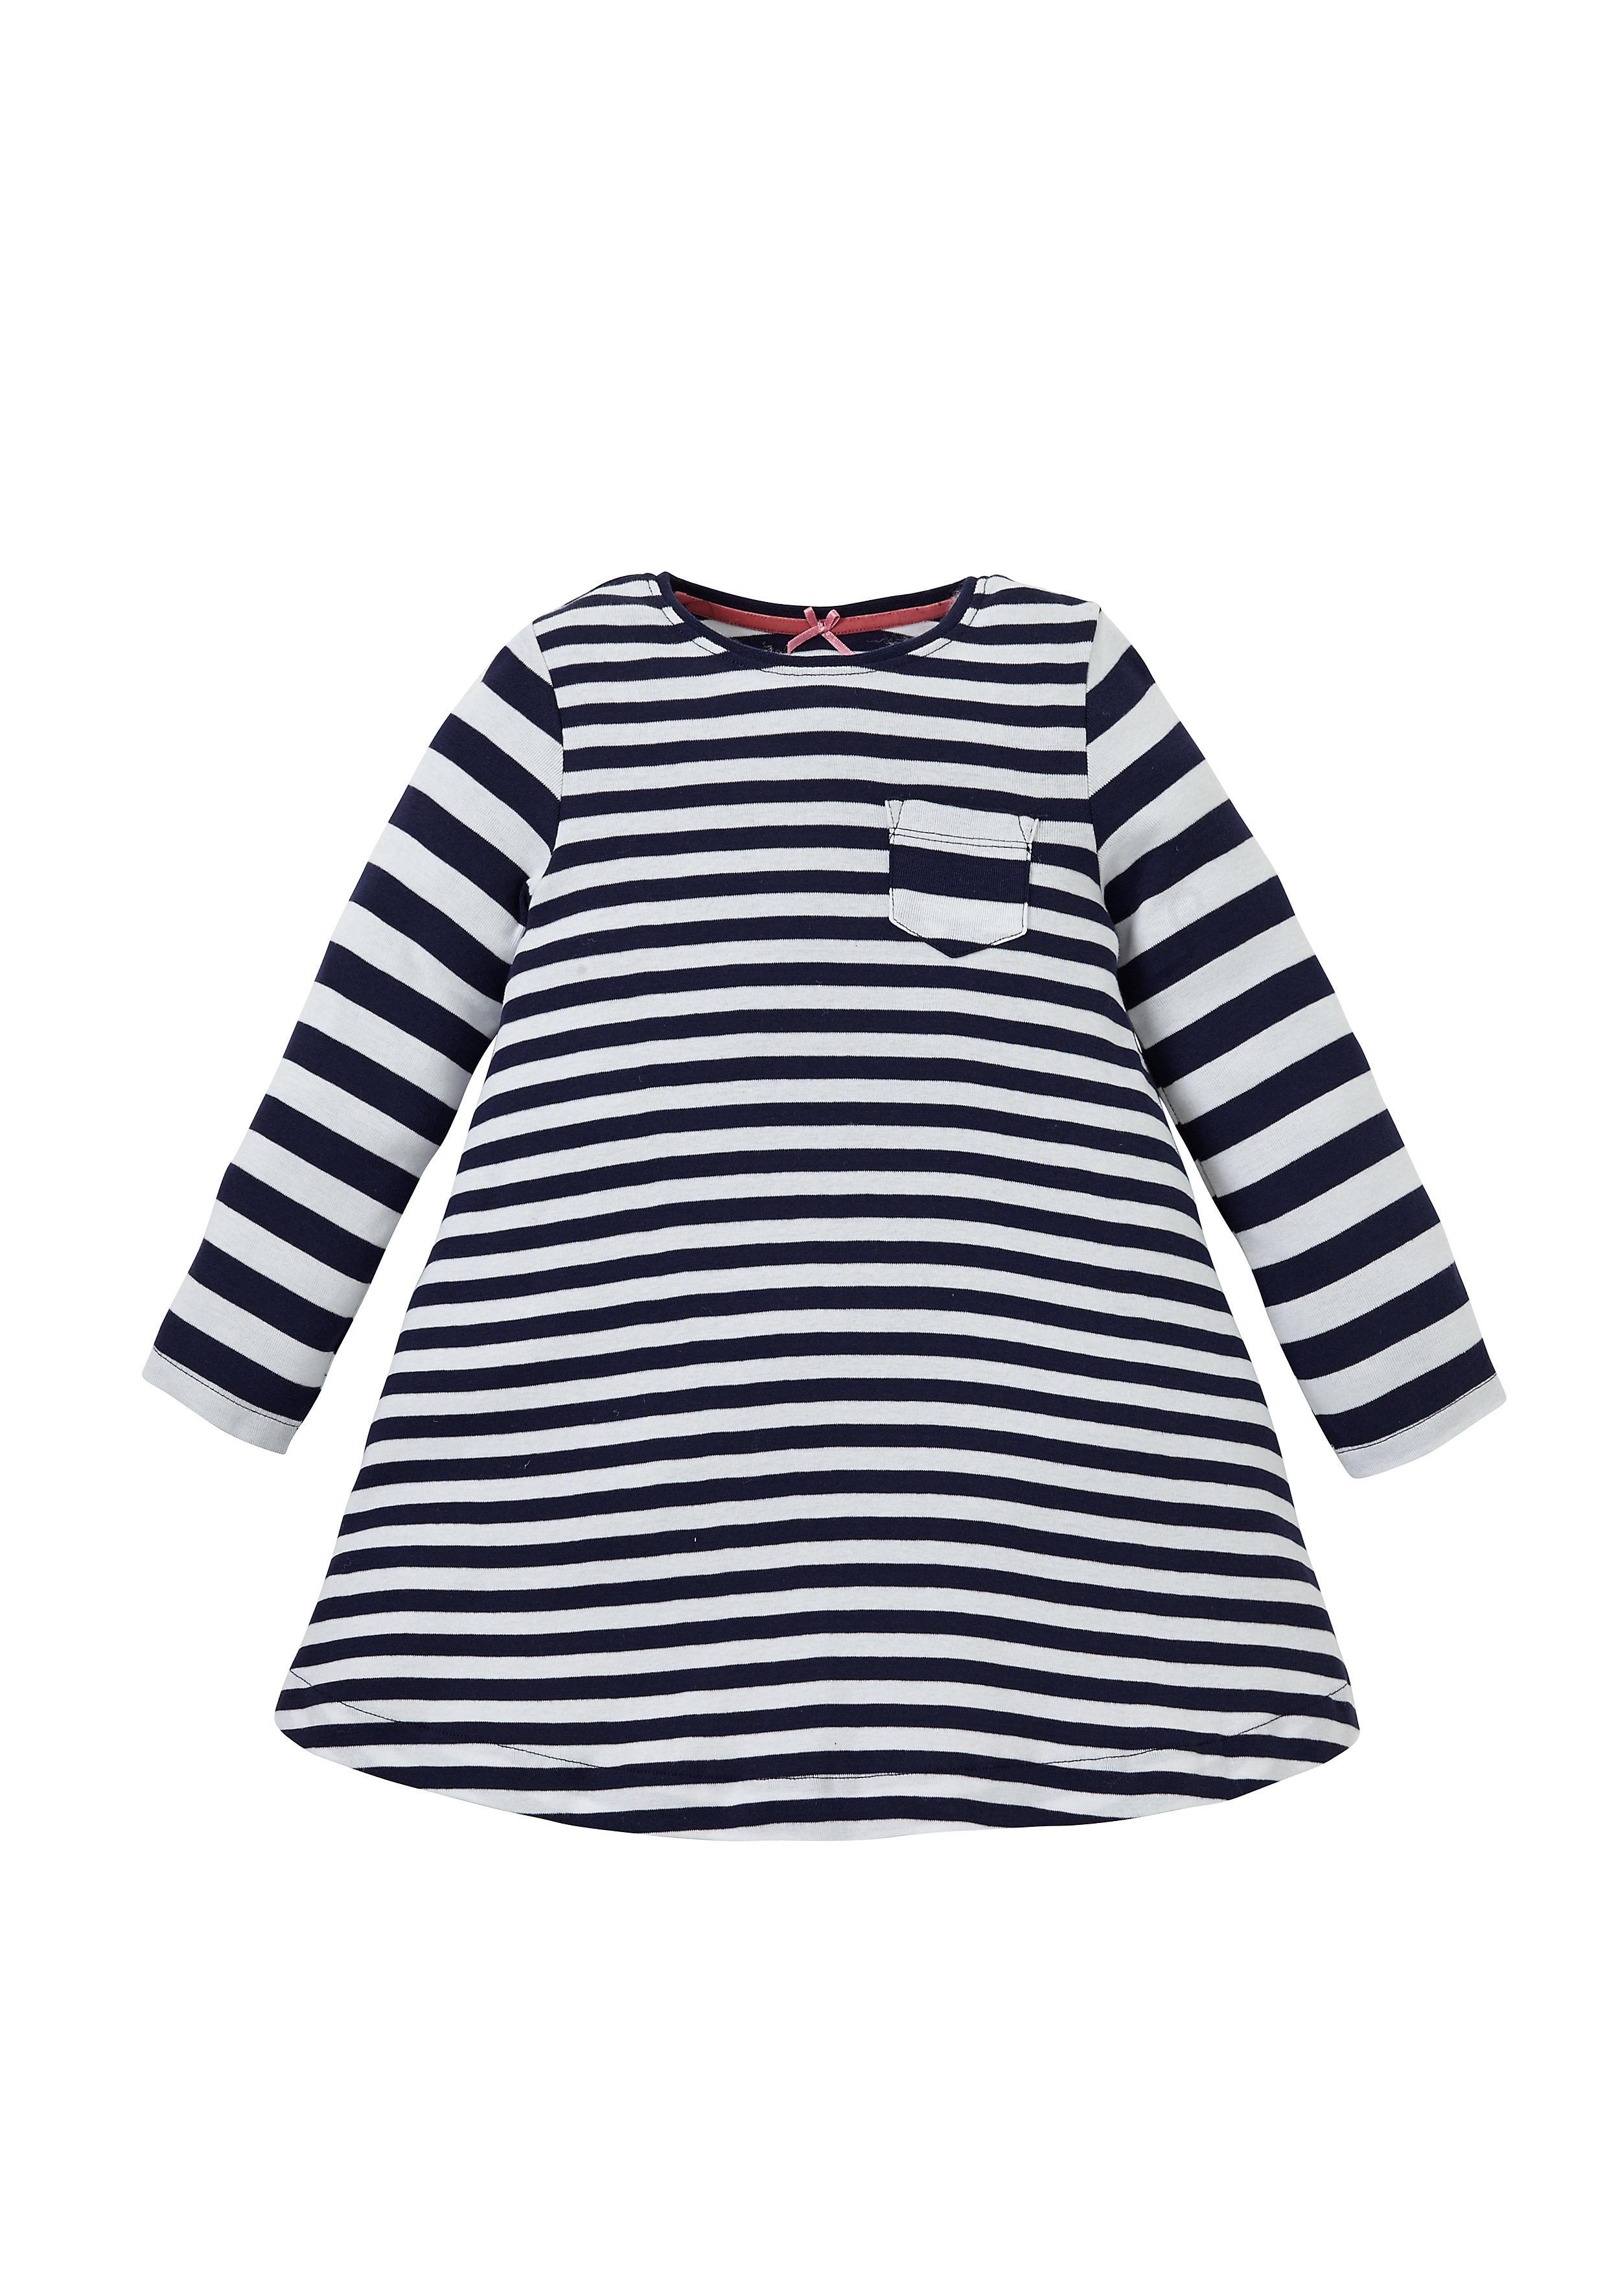 Mothercare | Girls Full Sleeves Dress Striped - Black